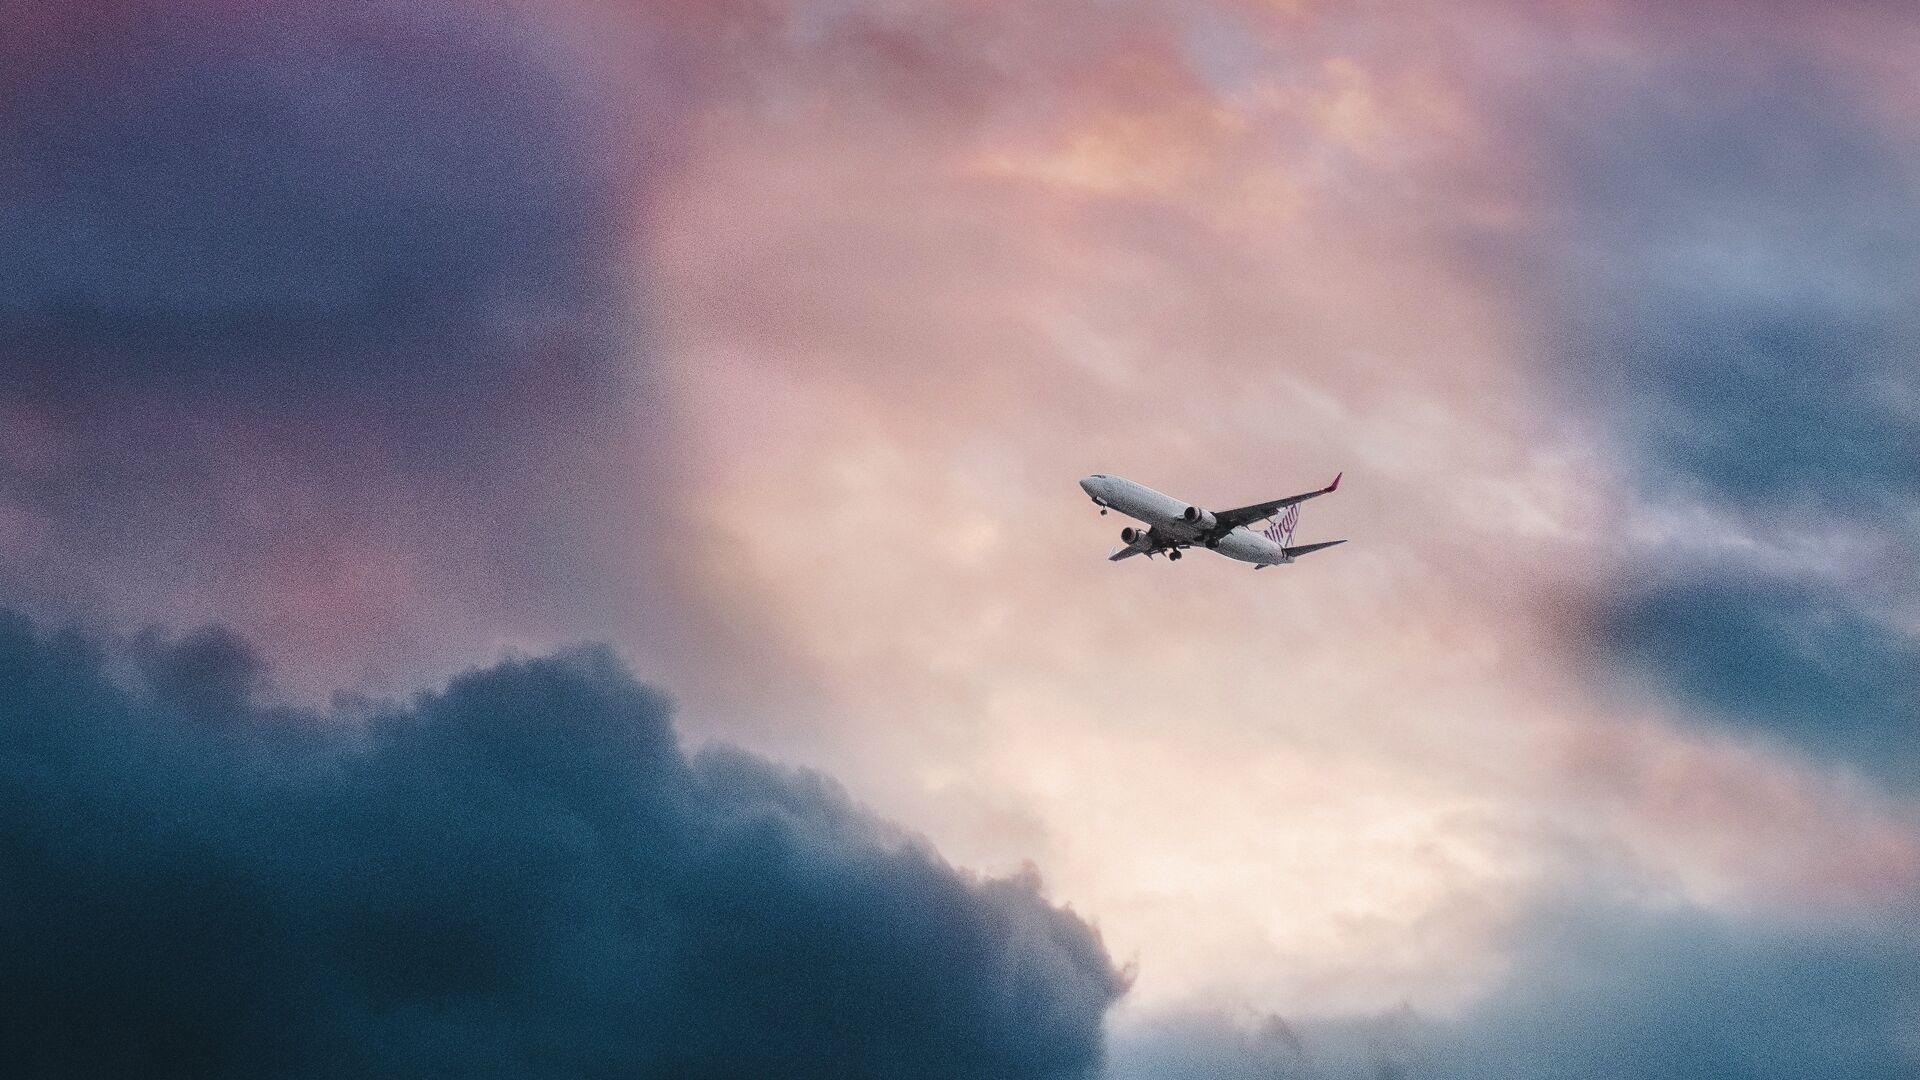 Un avión en el cielo (imagen referencial) - Sputnik Mundo, 1920, 26.05.2021